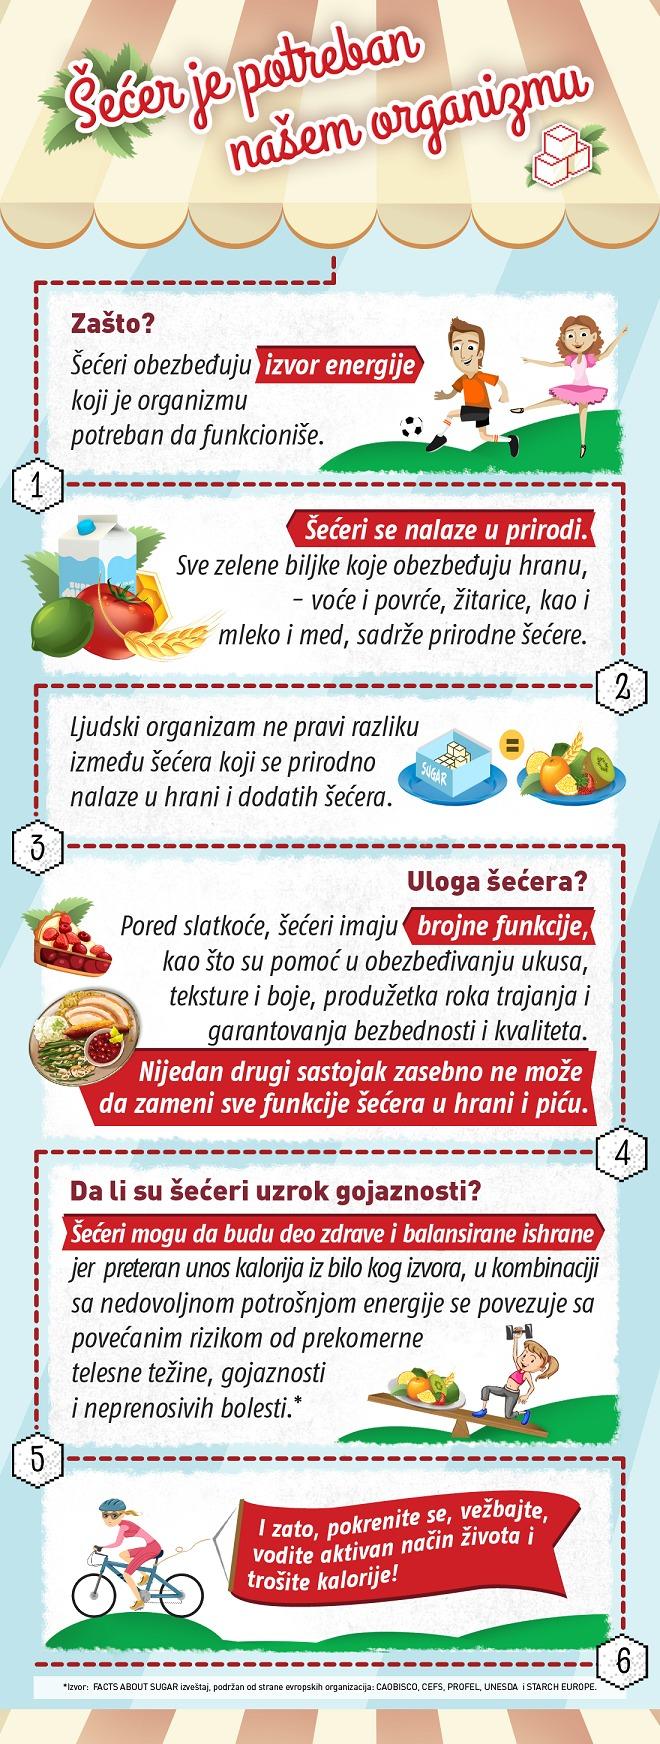 Infografik - Šećer je potreban našem organizmu